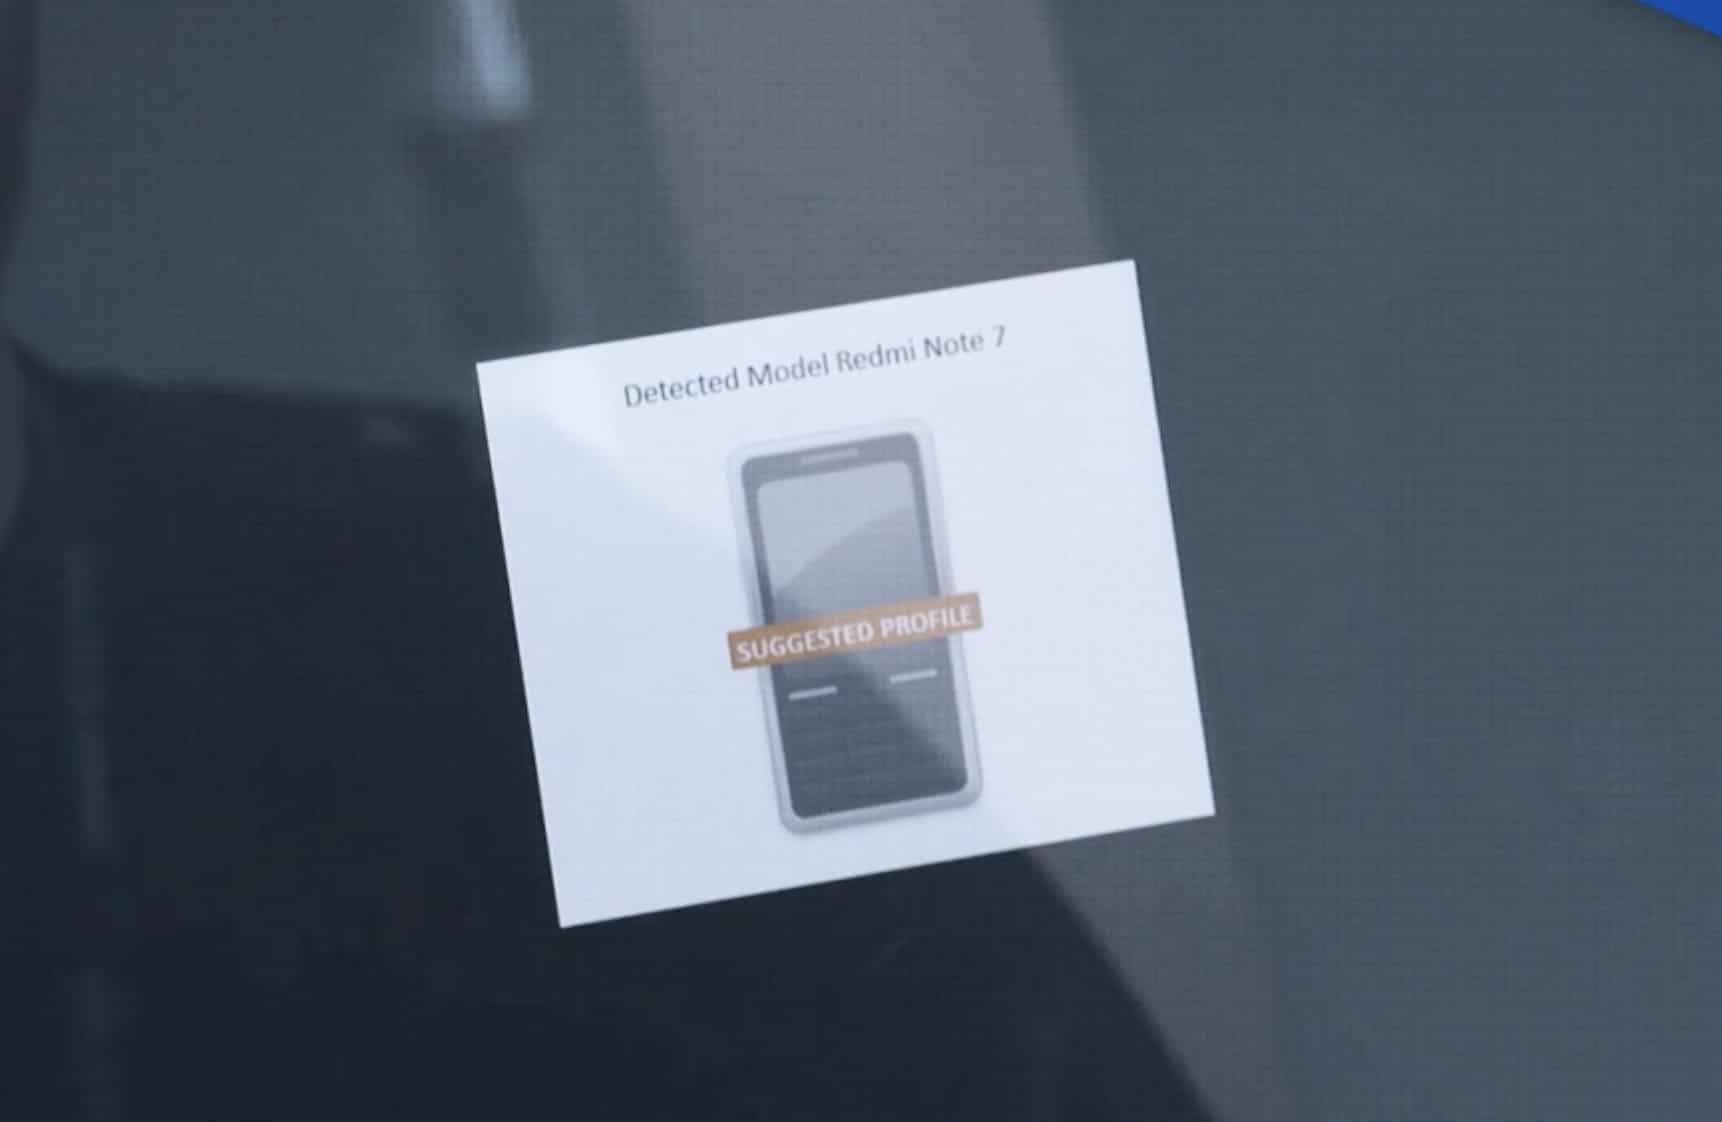 Redmi Note 7 mit Cyber-Kiosk untersucht